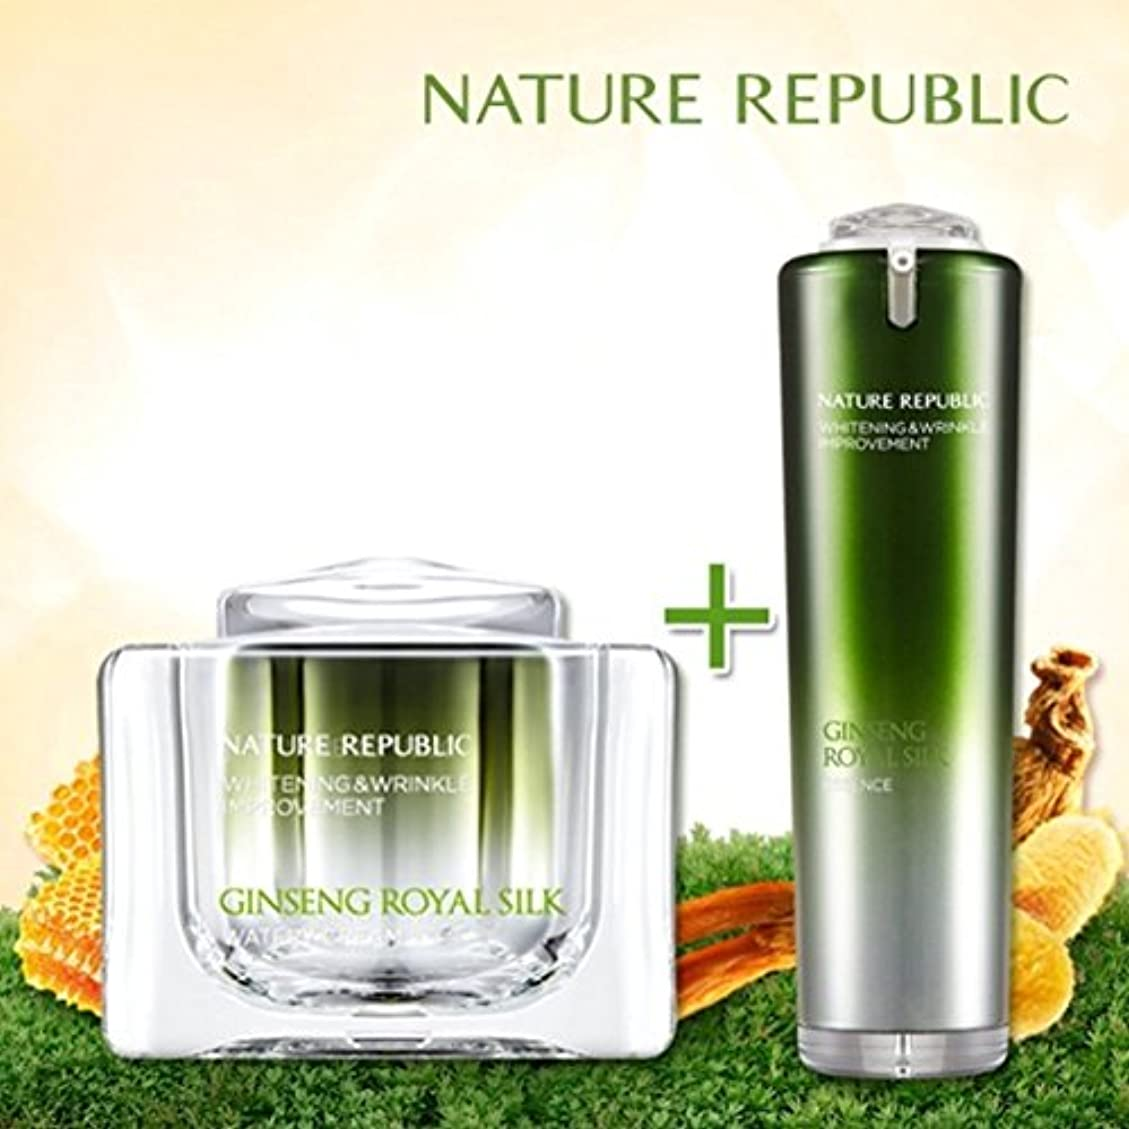 無視明示的にどこでもNATURE REPUBLIC/高麗人参ロイヤルシルクウォーターリークリーム+エッセンス Nature Republic、Ginseng Royal silk Watery Cream+Essence(海外直送品)